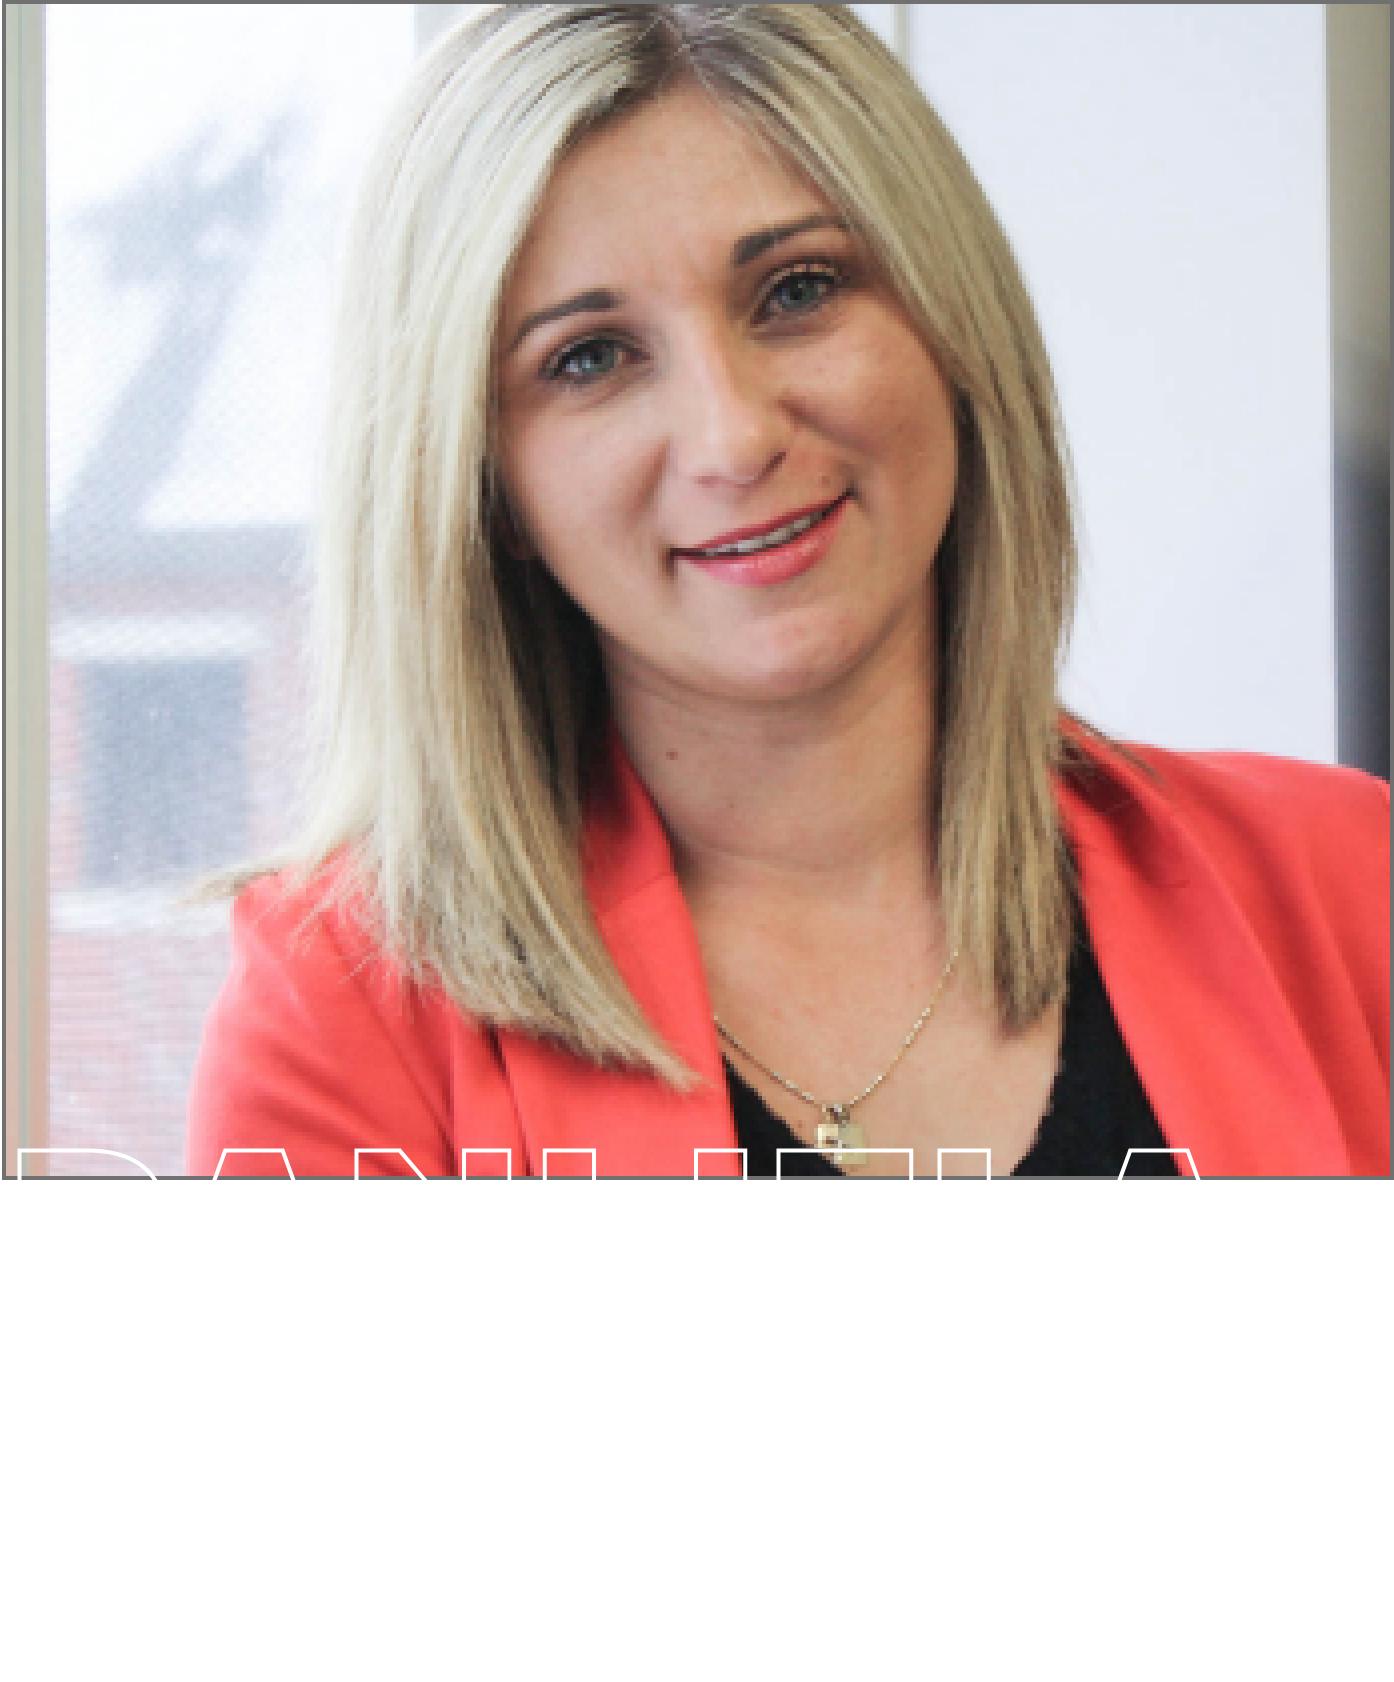 Danijela Covic